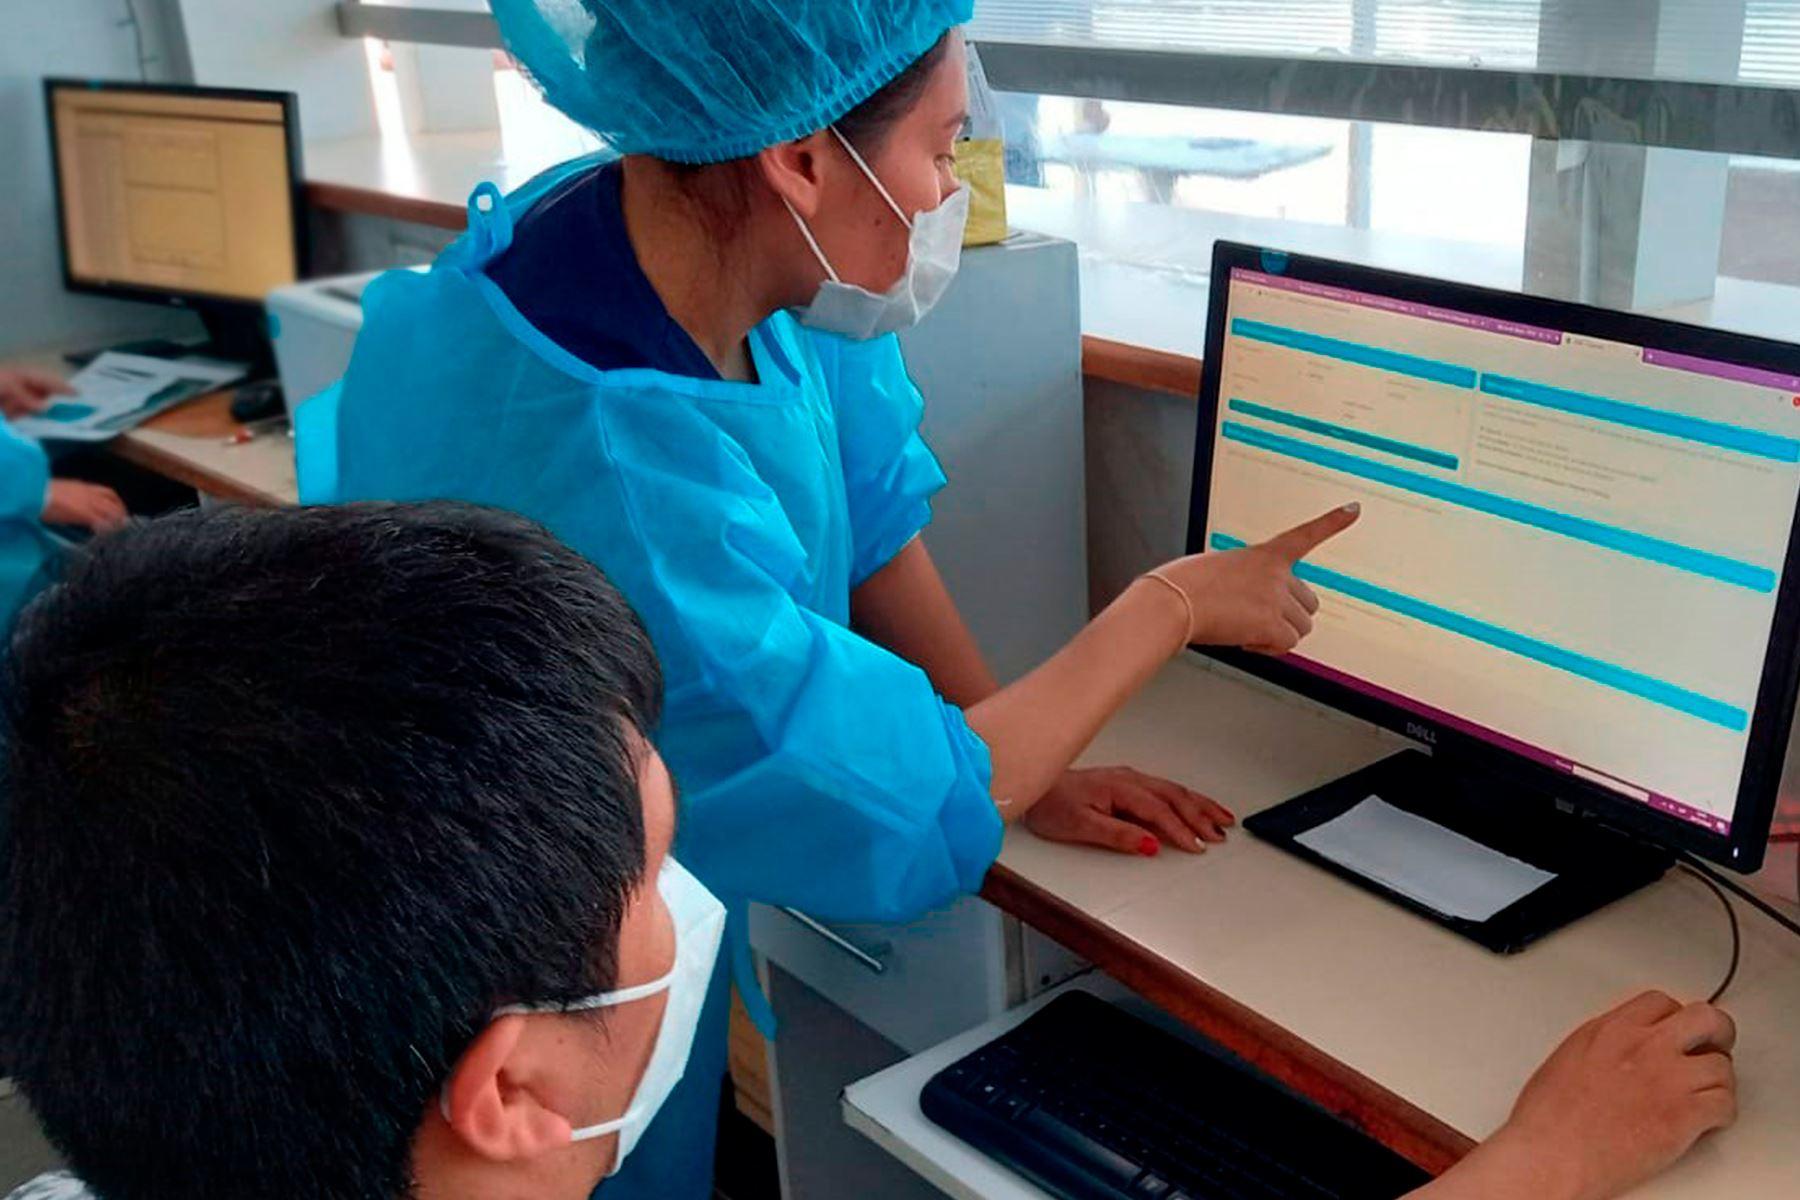 Gracias a las tecnologías digitales se ha dado la implementación de esta medida que simplifica el proceso con seguridad y eficiencia. Foto: ANDINA/Minsa